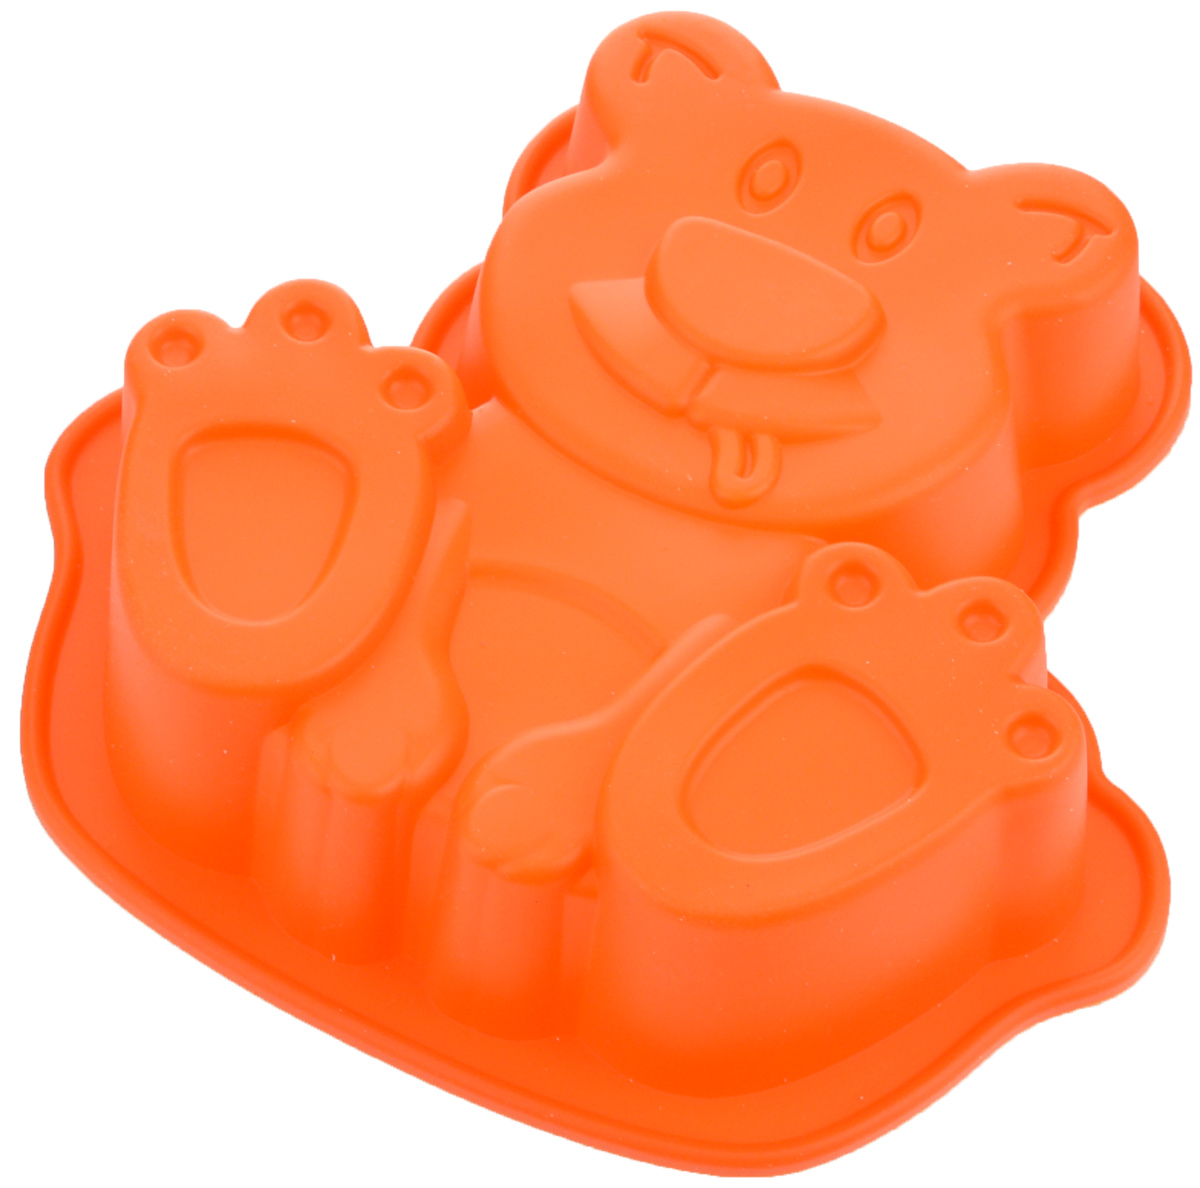 Форма для выпечки Mayer & Boch Собачка, цвет: оранжевый, 20,5 х 20 см24614_оранжевыйФорма Mayer & Boch Собачка выполнена из силикона и предназначена для изготовления выпечки, желе или льда.Оригинальный способ подачи изделий не оставит равнодушным родных и друзей. Форма выдерживает от -40°С до +230°С. Она эластична, износостойка, легко моется, не горит и не тлеет, не впитывает запахи, не оставляет пятен.Силикон абсолютно безвреден для здоровья.Можно мыть в посудомоечной машине. Внешние размеры формы: 20,5 х 20 х 4,5 см.Внутренние размеры формы: 17 х 17,5 х 4 см. Как выбрать форму для выпечки – статья на OZON Гид.